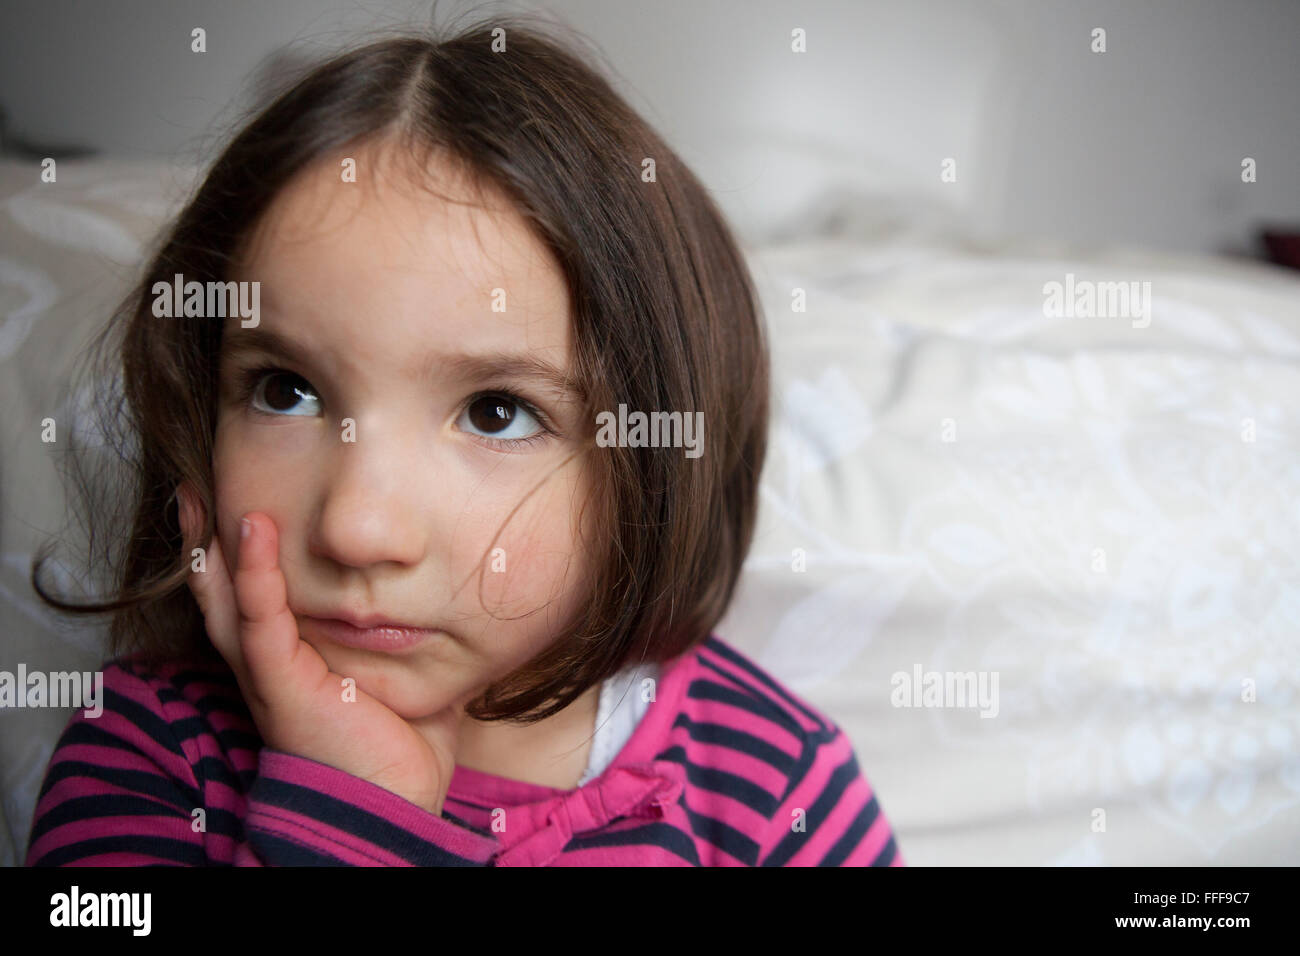 Sceptic stockfotos bilder alamy